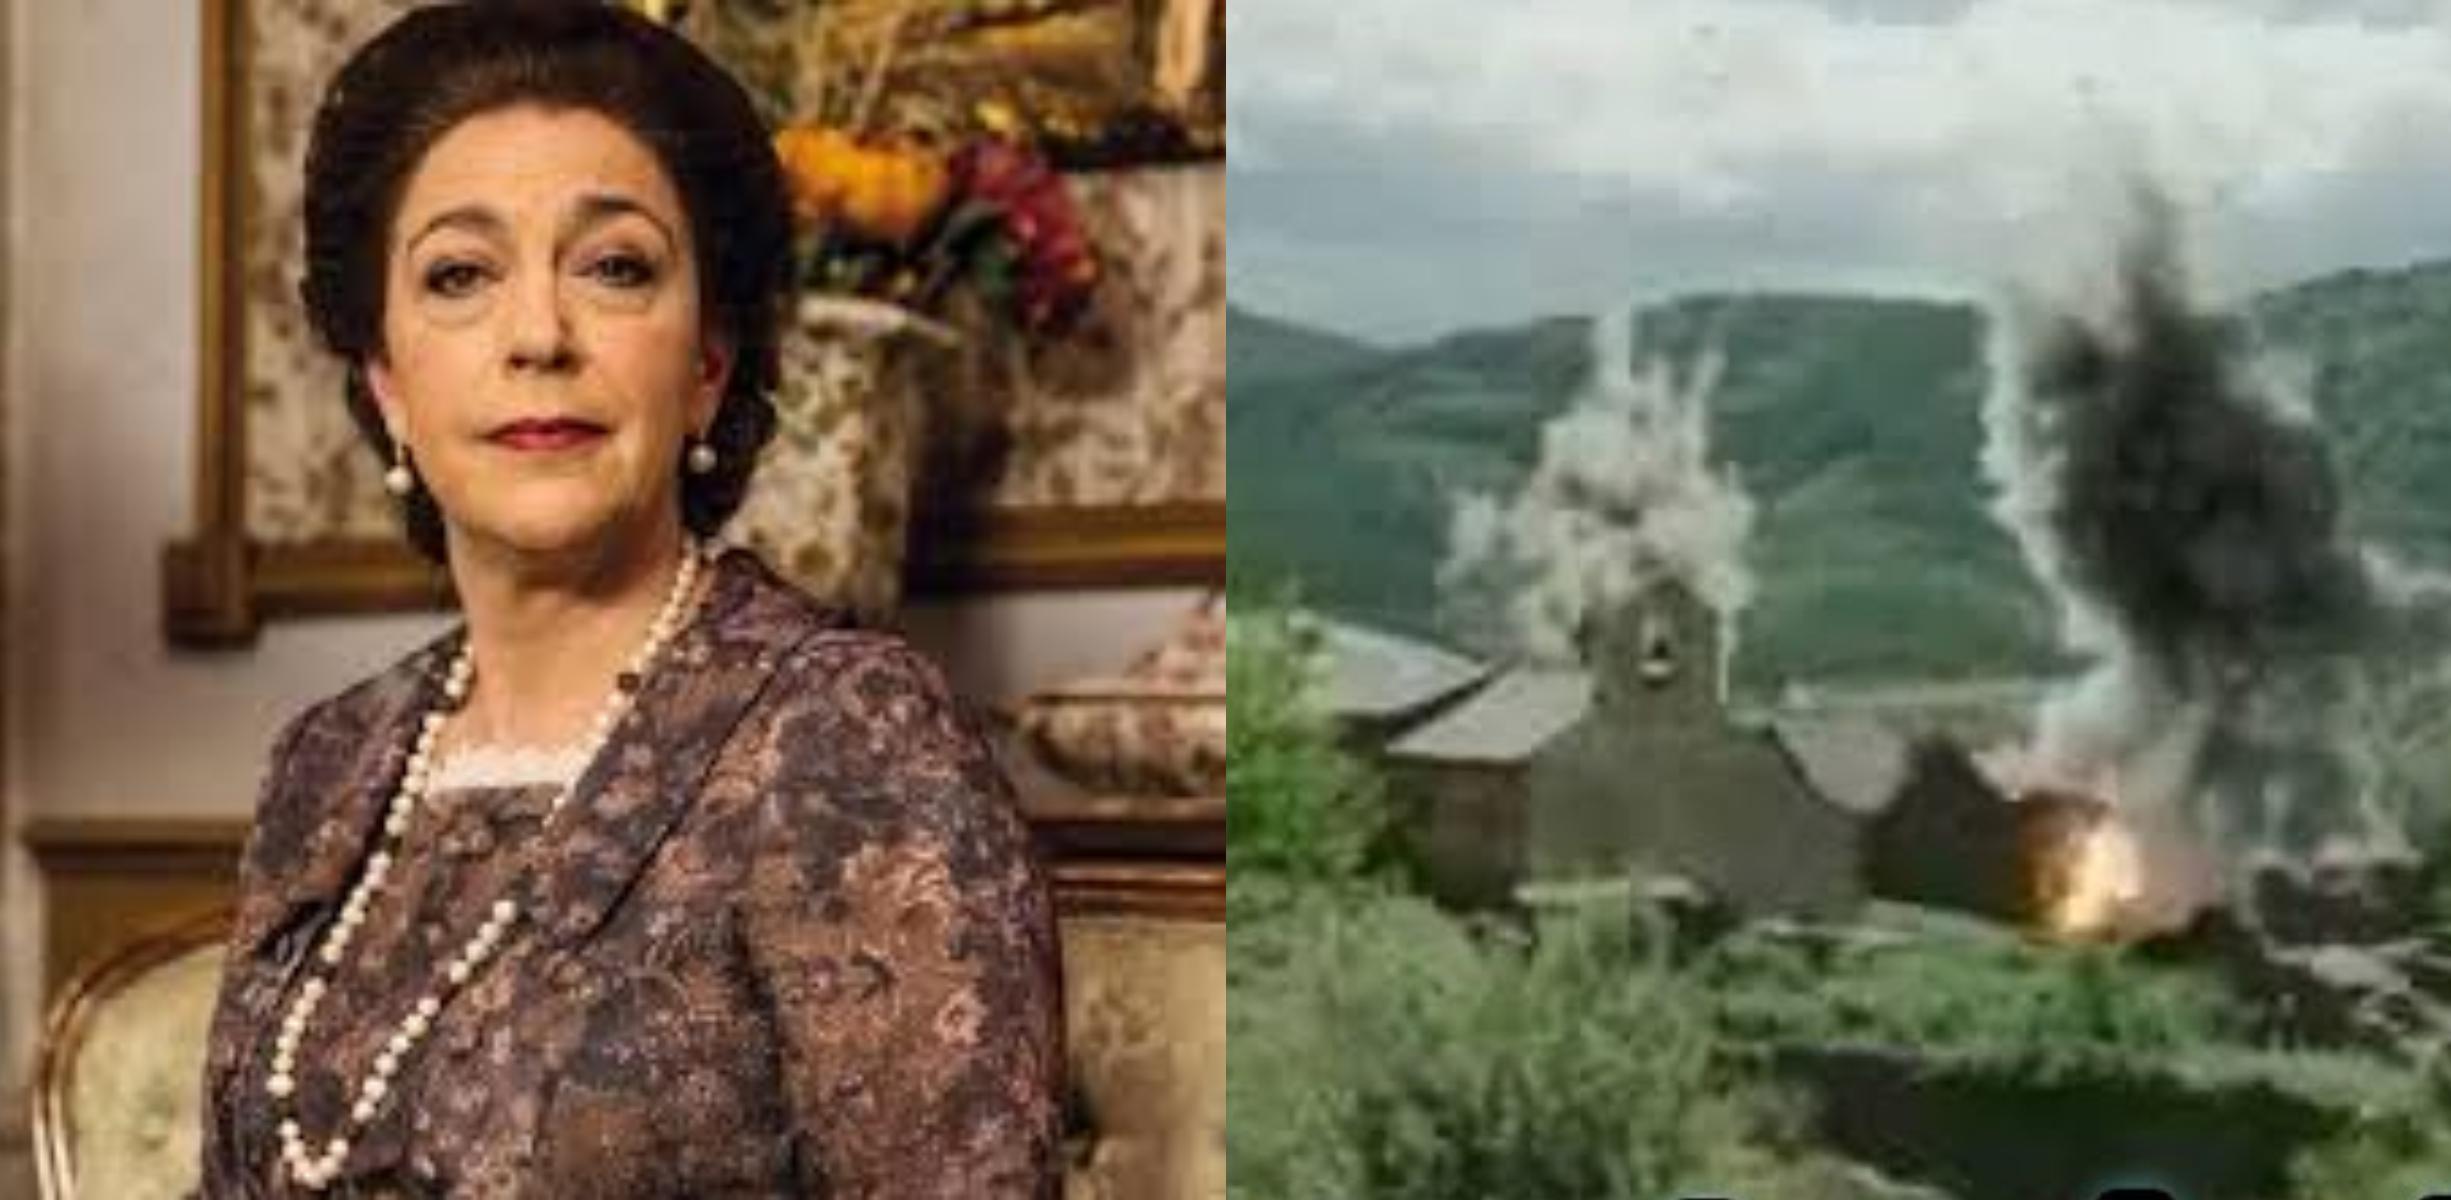 Il Segreto, anticipazioni: esplode la fabbrica di Ignacio, colpa di Francisca?